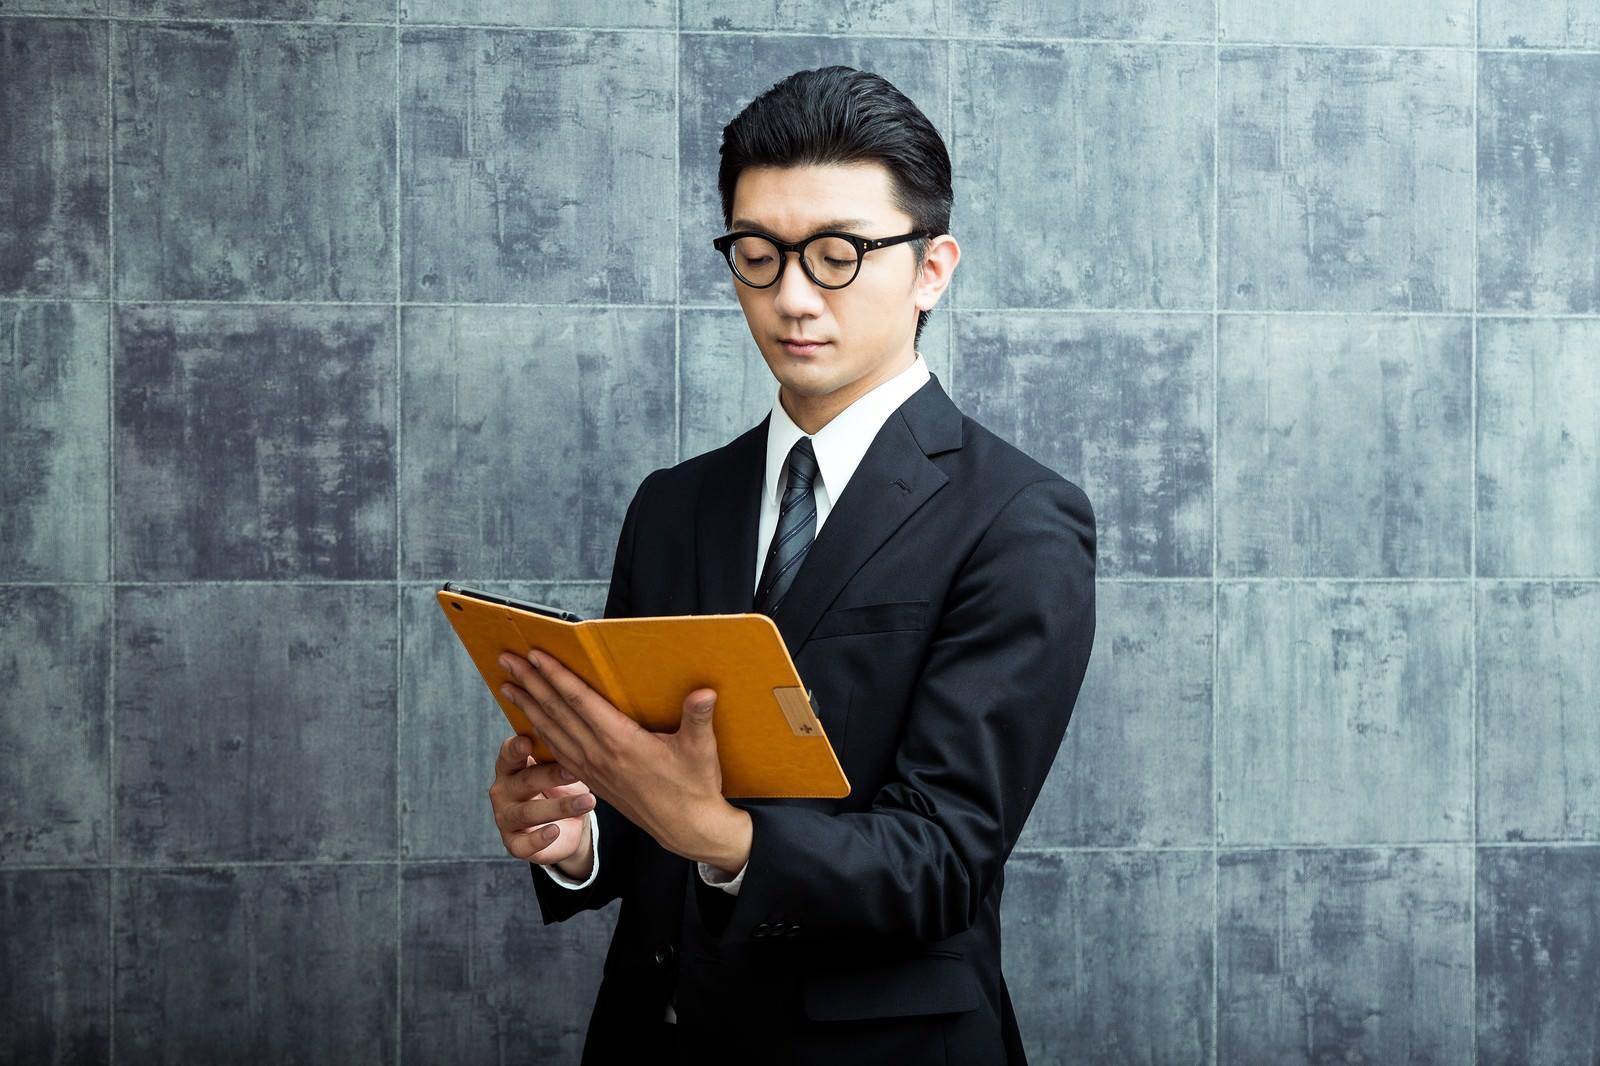 登記事項証明書の取得方法・かかる手数料・登記簿謄本などとの違いのサムネイル画像